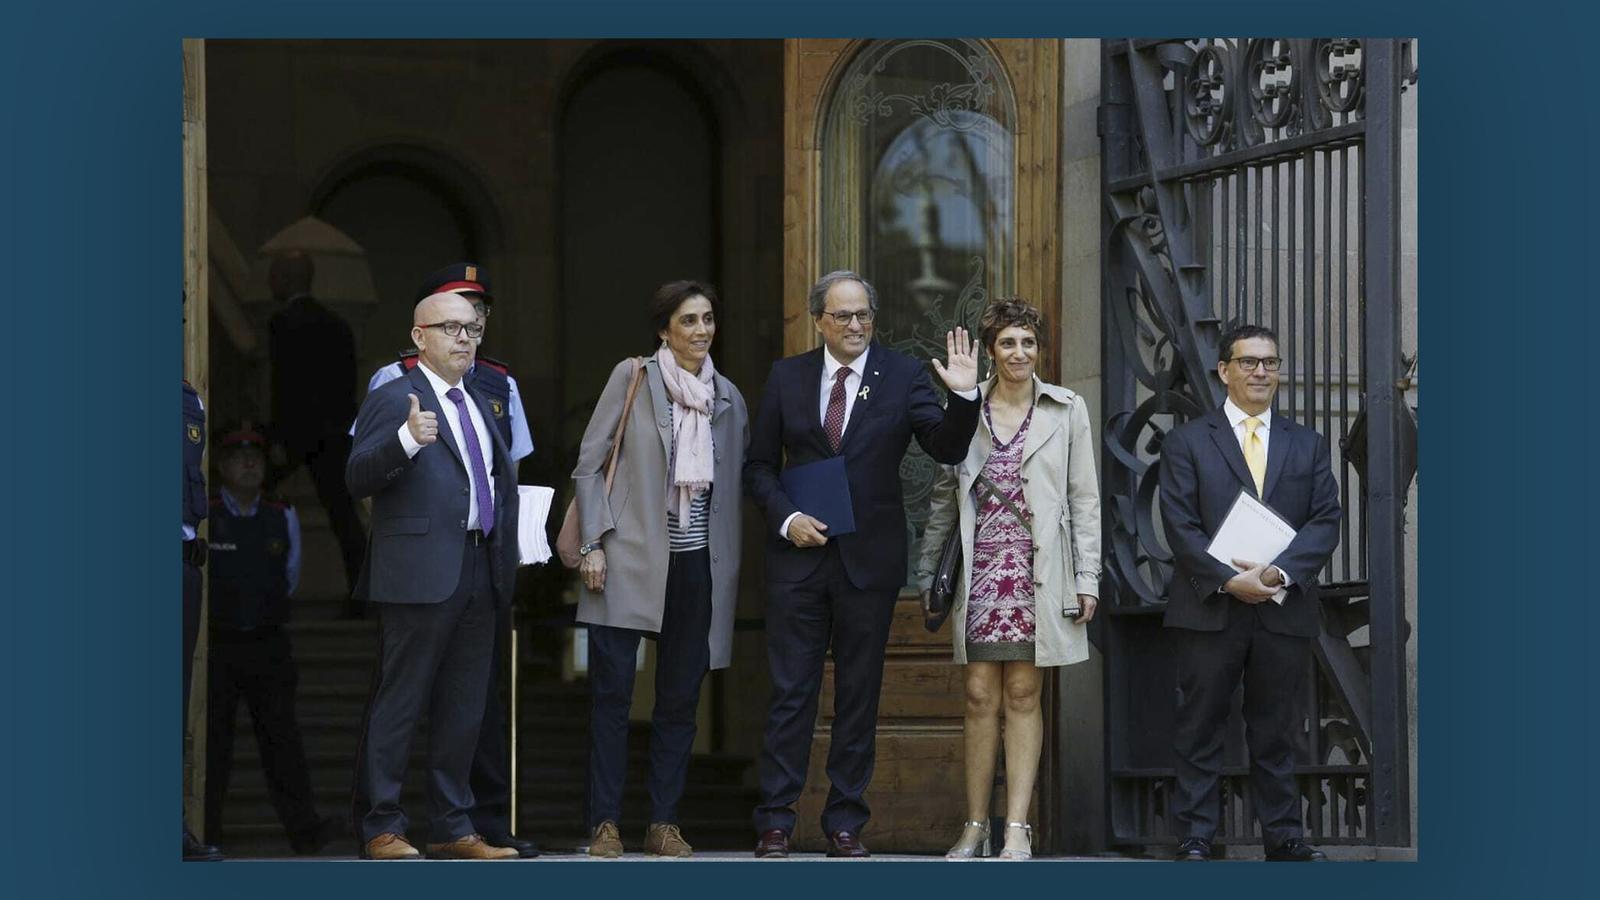 El president Torra citat pel Suprem al setembre, adeu a Rosa Maria Sardà i Sevilla 2 - Betis 0: les claus del dia, amb Antoni Bassas (12/06/2020)